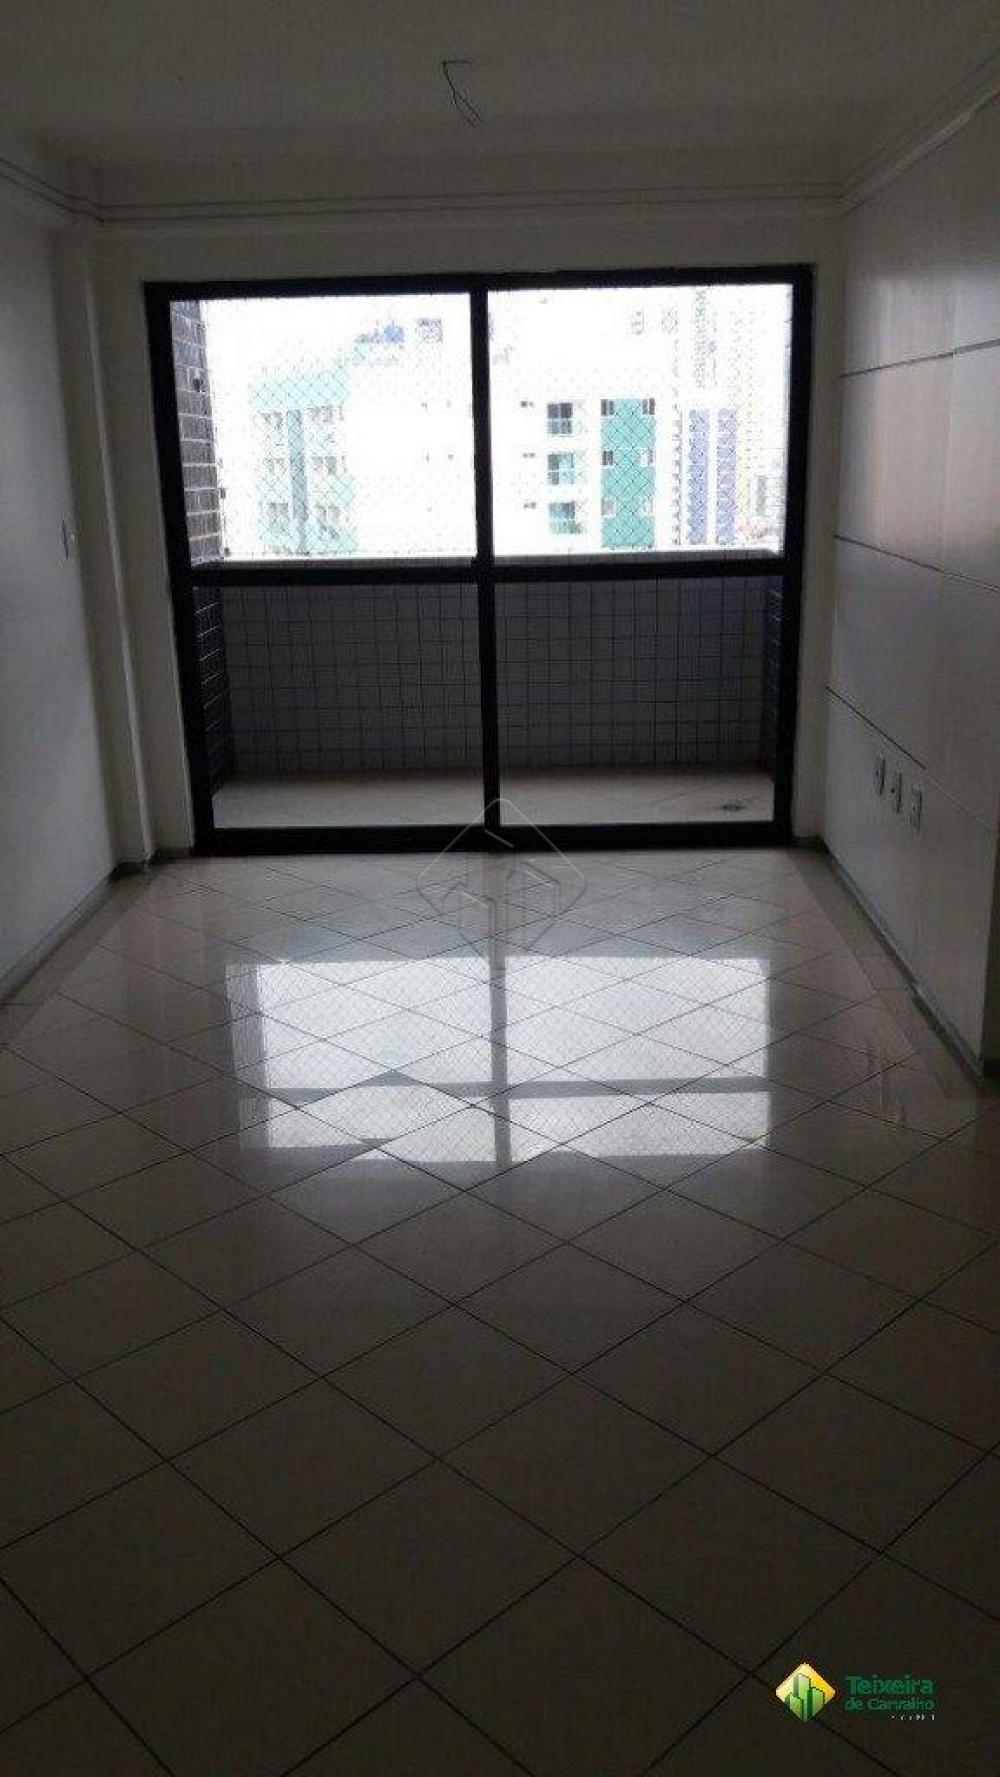 Comprar Apartamento / Padrão em João Pessoa apenas R$ 365.000,00 - Foto 6